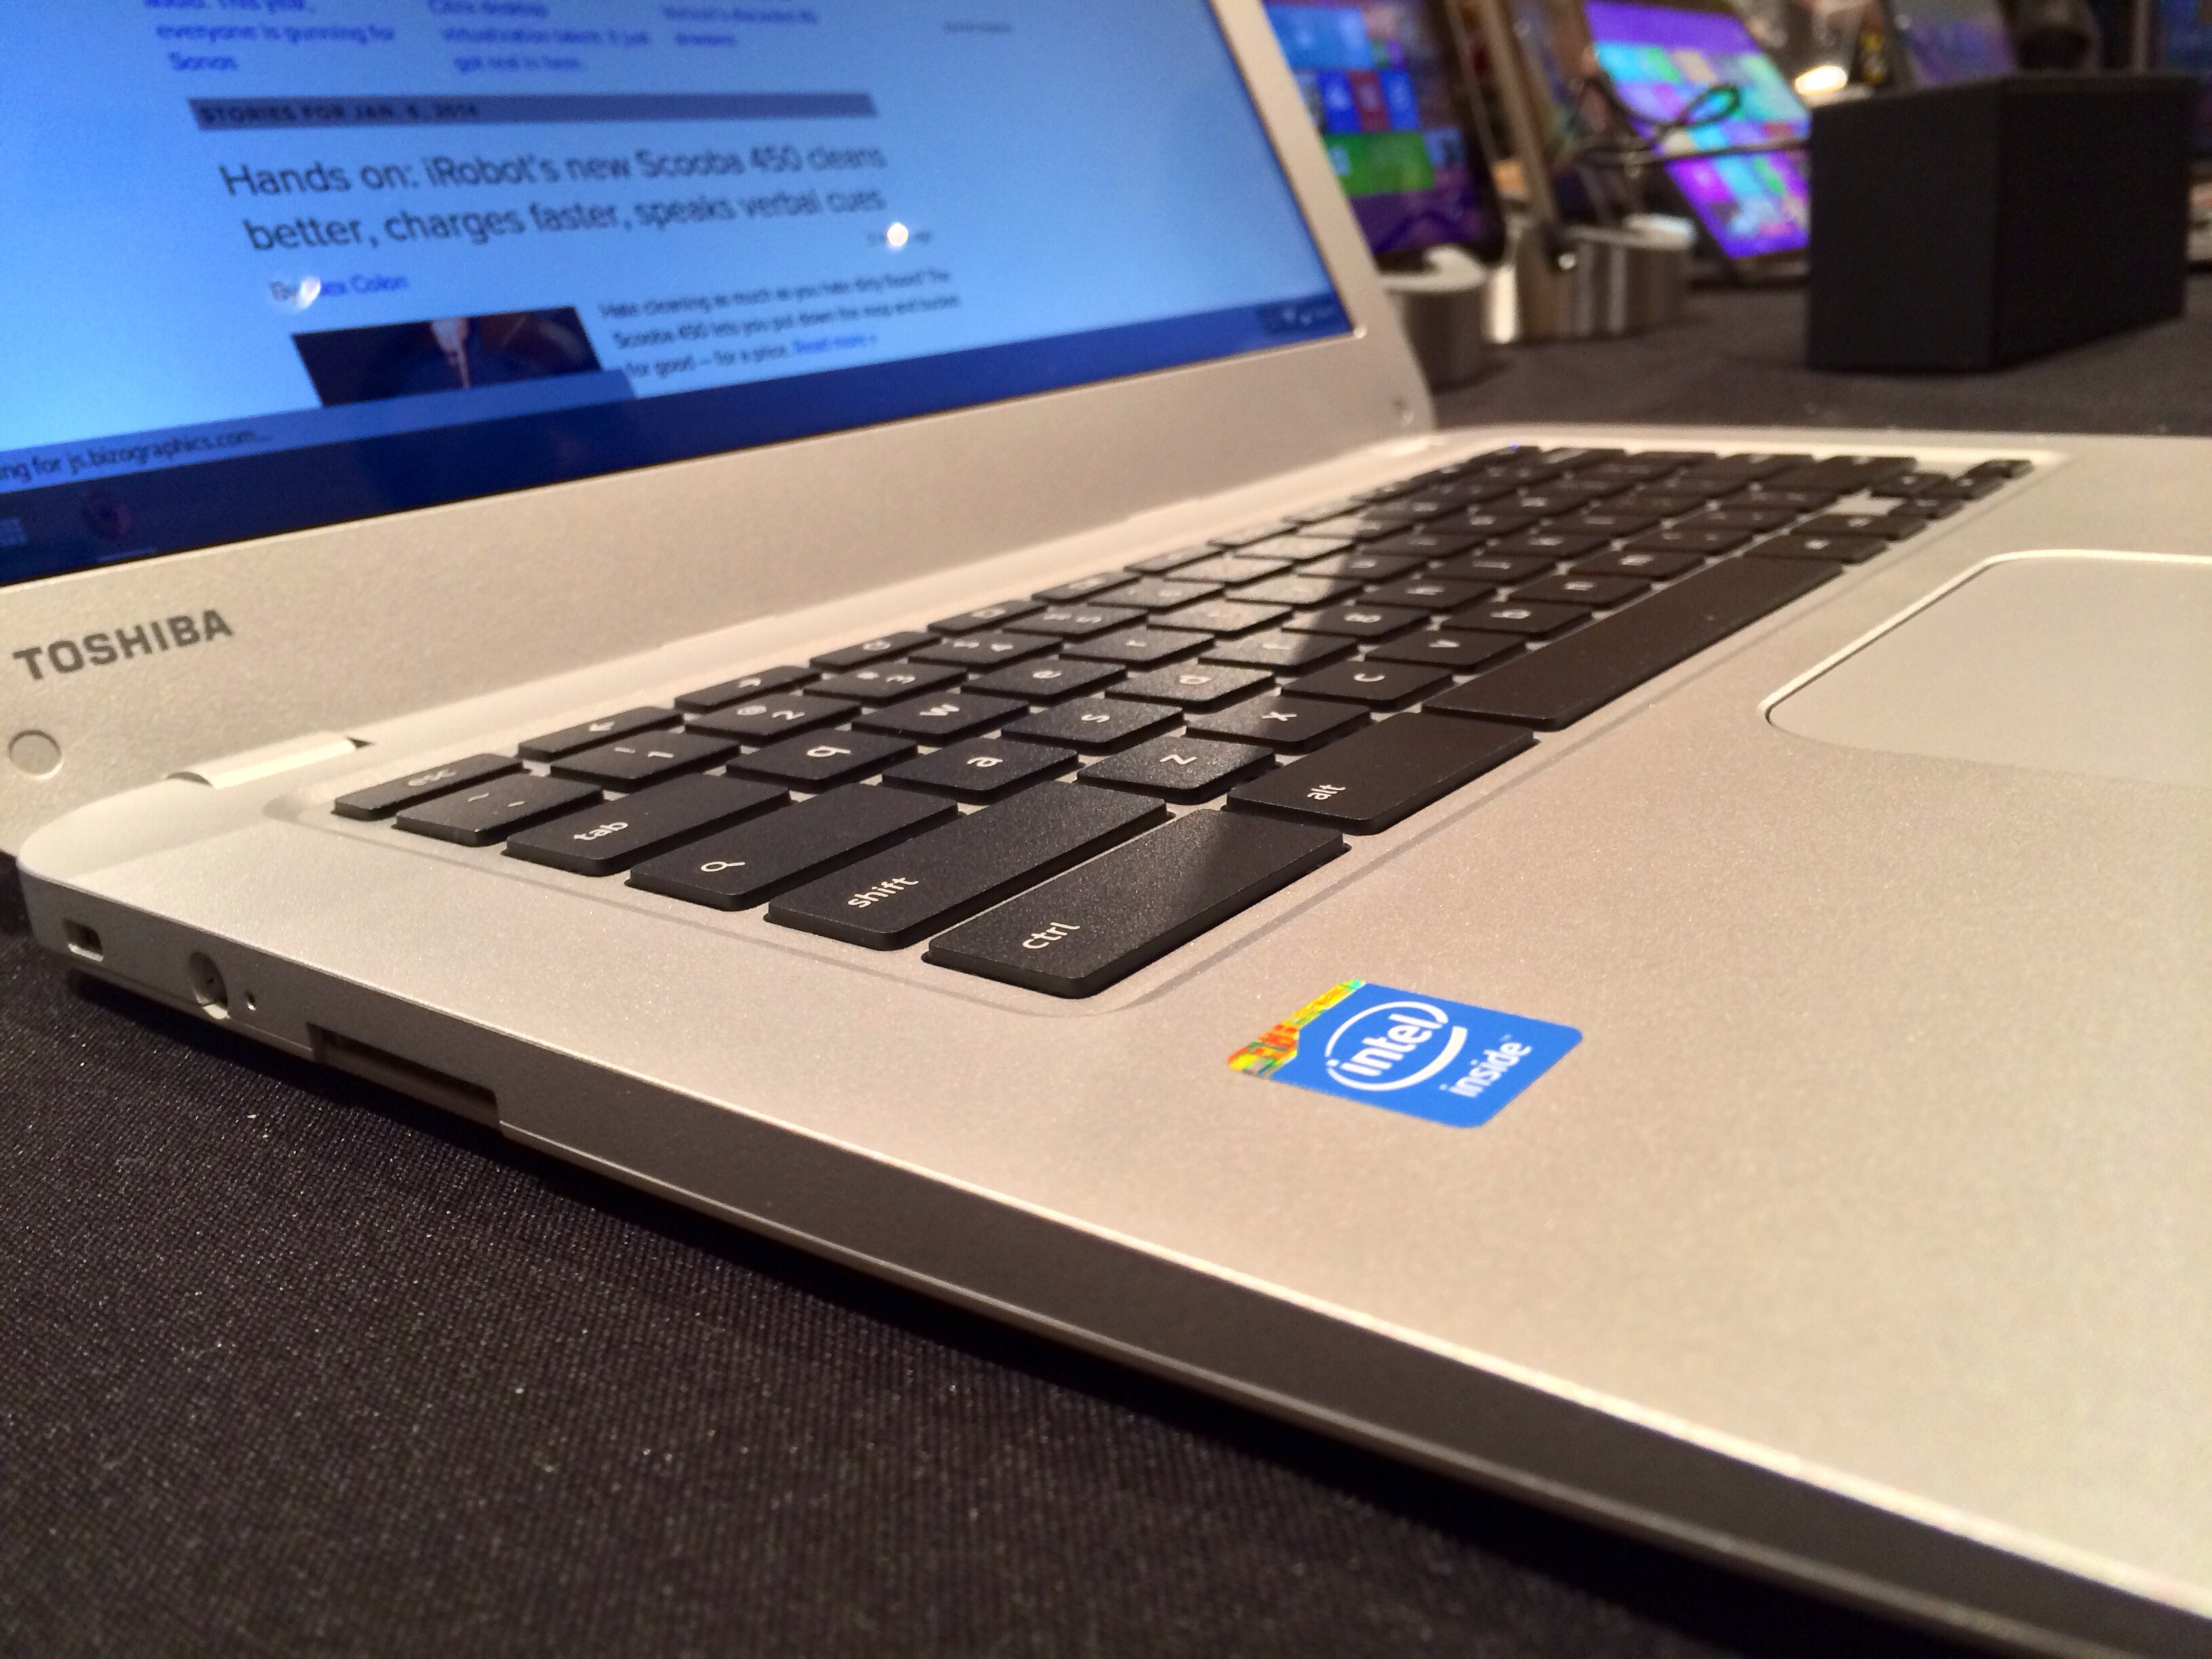 Toshiba Chromebook side angle